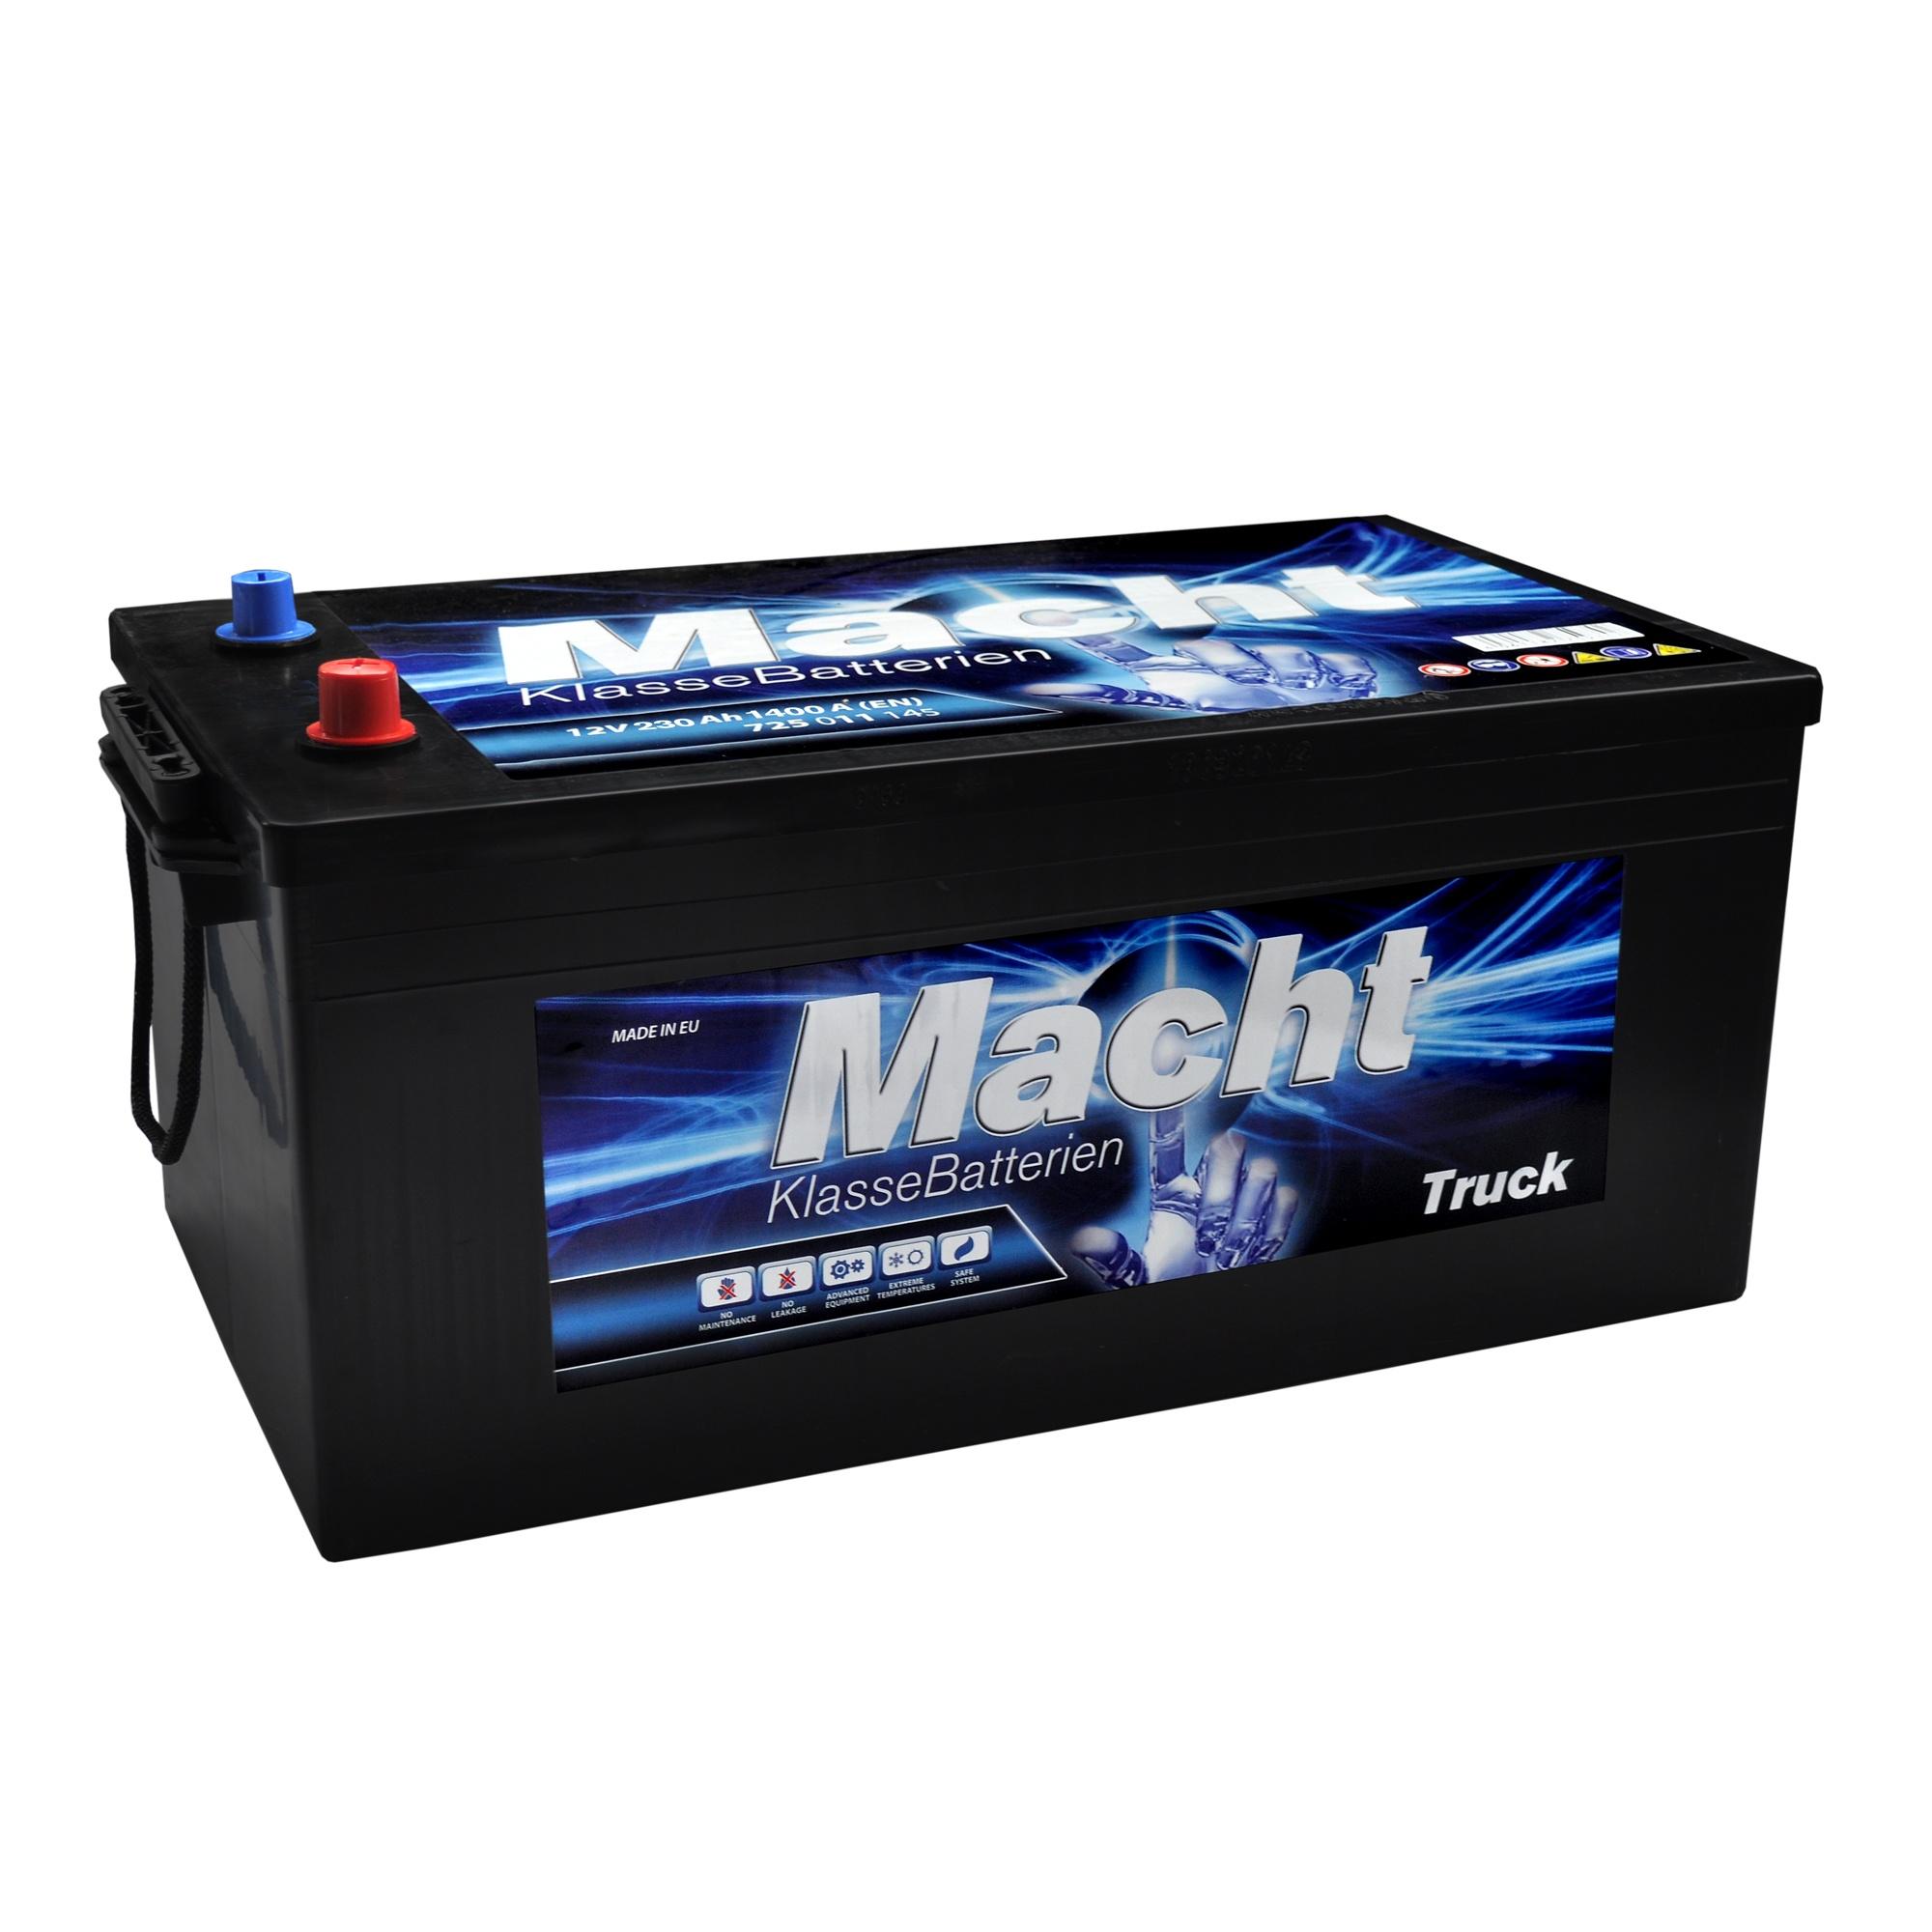 Baterie auto MACHT 25353 Heavy Duty 12V 230AH 1350A